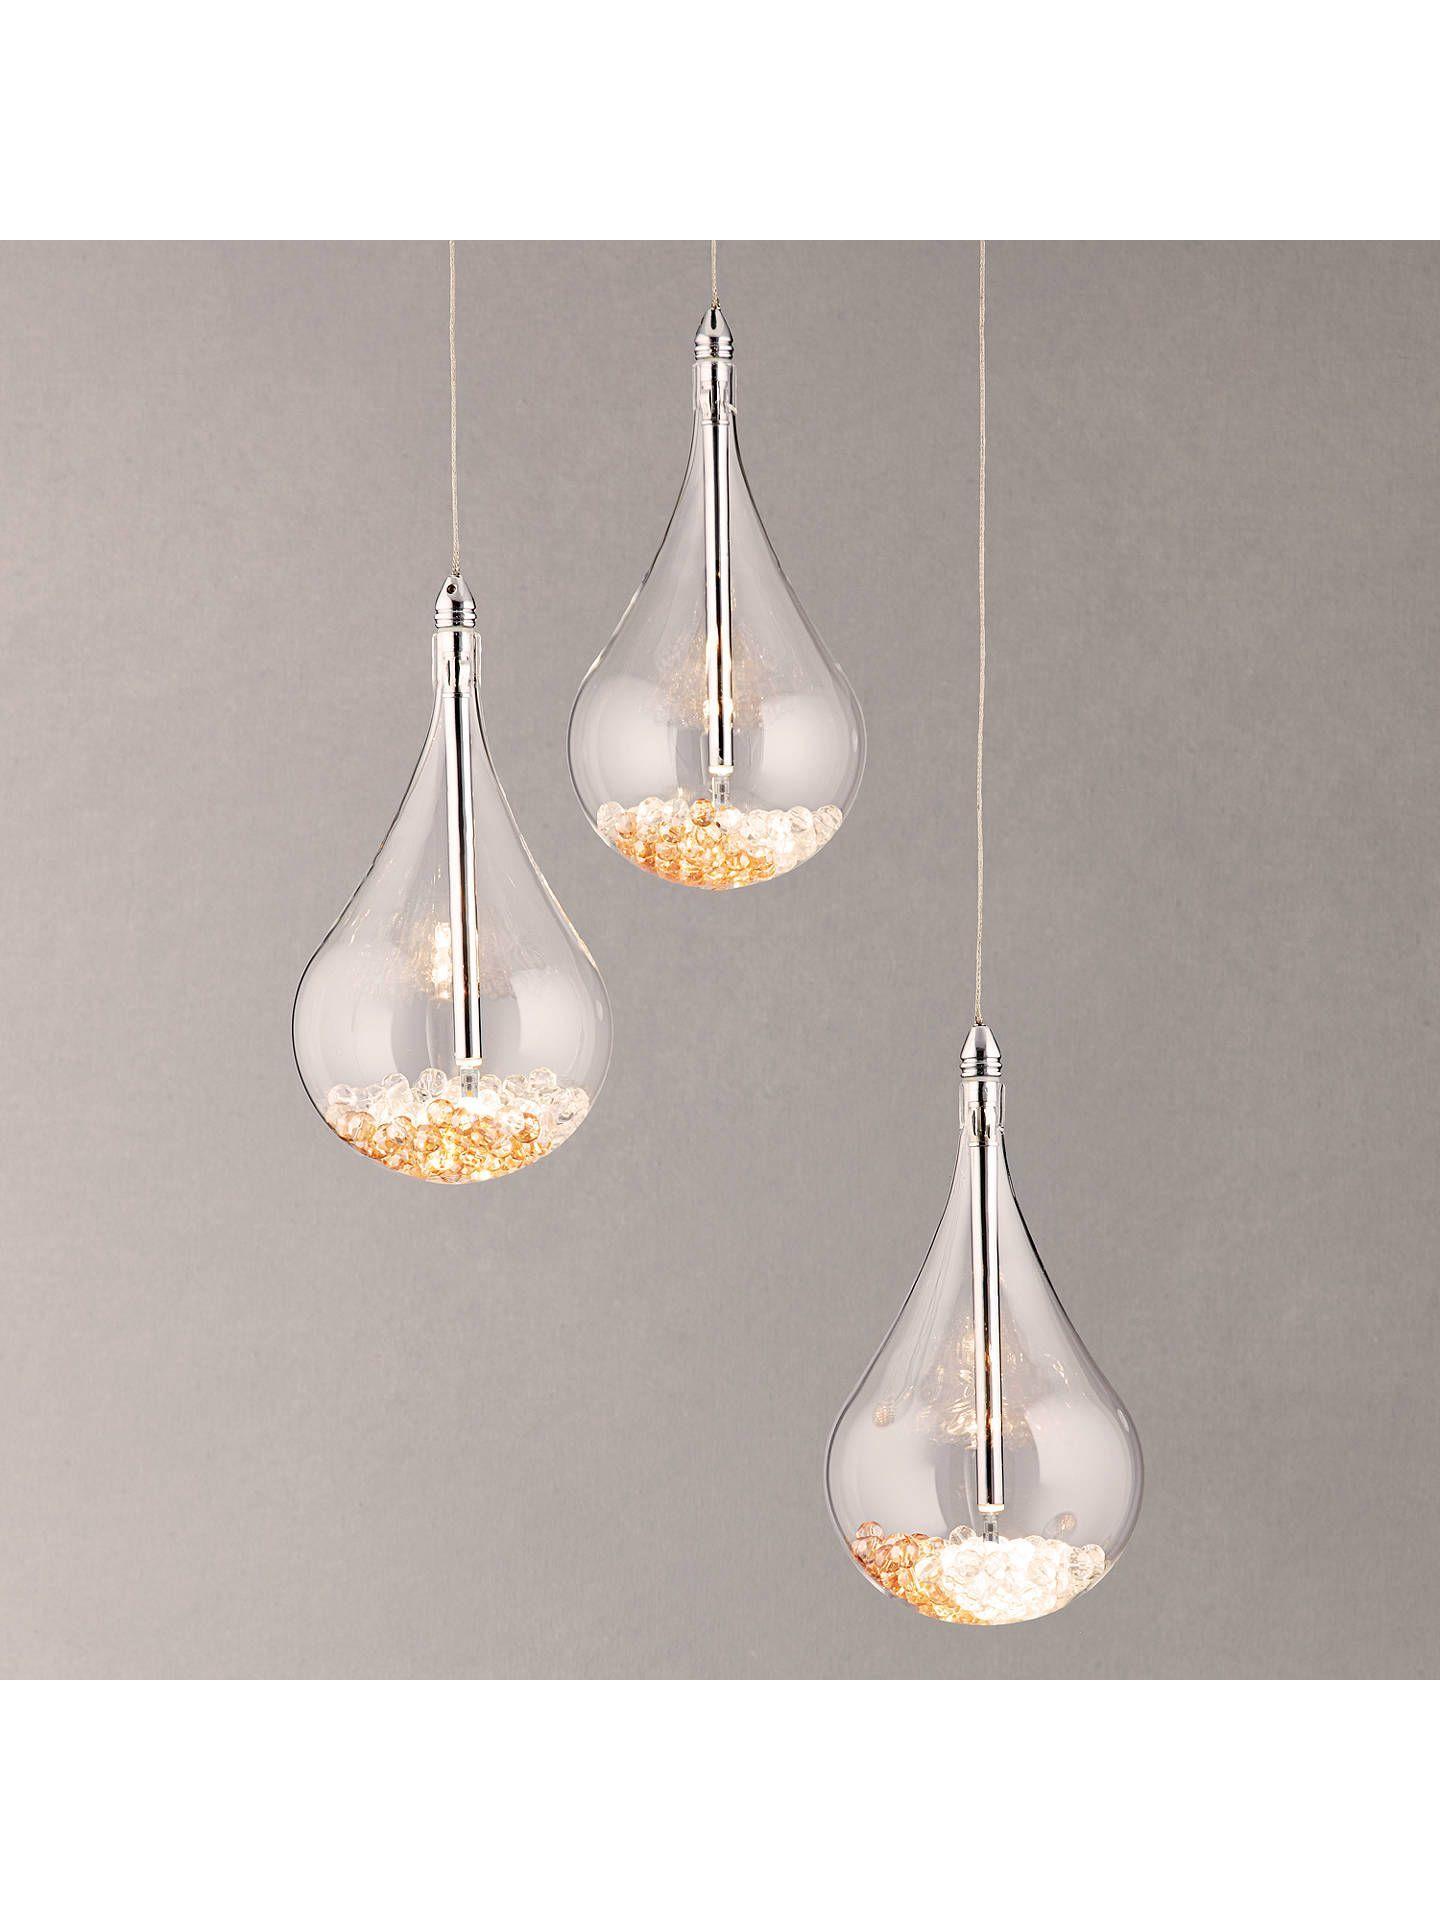 John Lewis & Partners Sebastian 14 Light LED Ceiling Light, Chrome